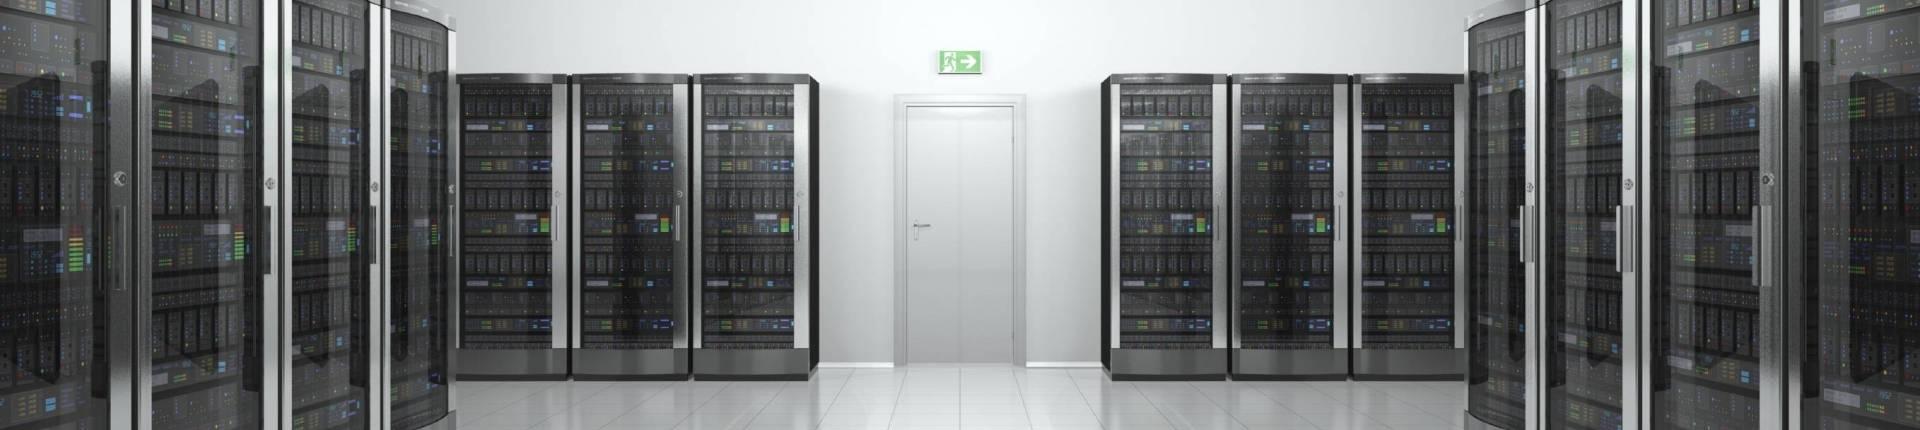 Data & telecom